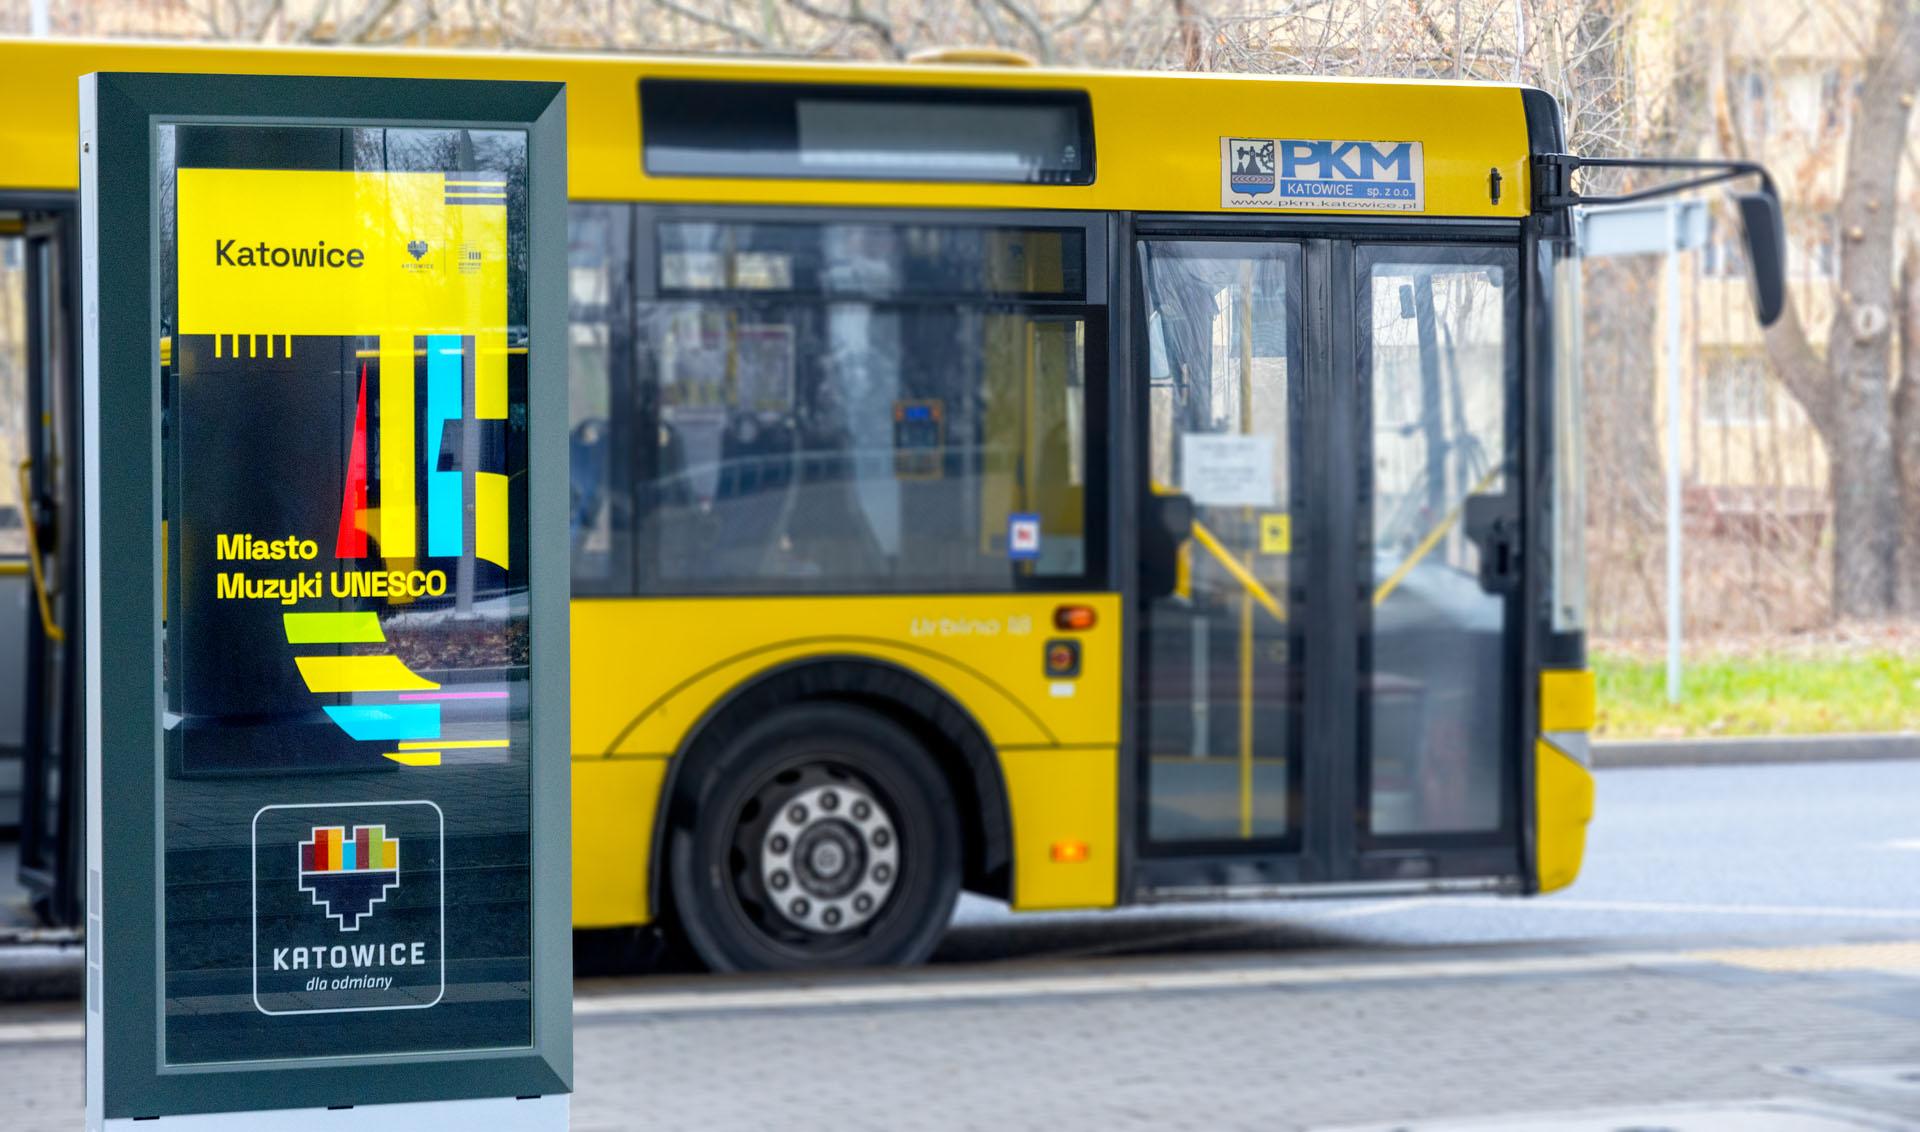 Info kiosk Dysten. Infokiosks and information totems implemented at the Zawodzie interchange hub. Project in Katowice was co-financed by the European Union. Infokioski w centrum przesiadkowym Katowice Zawodzie